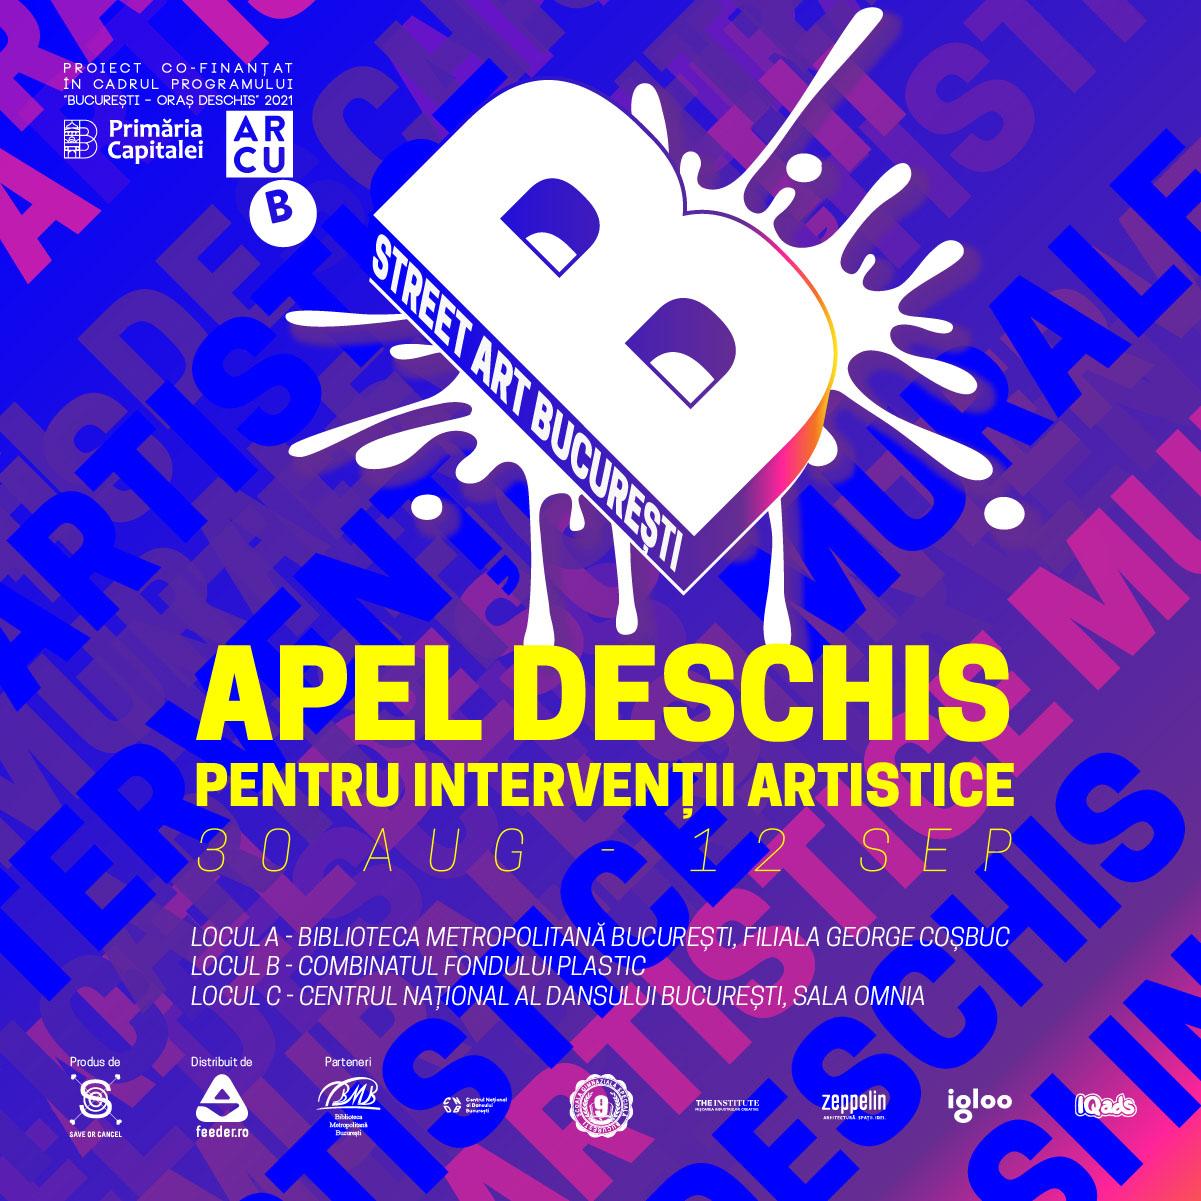 Apel Deschis Street Art București